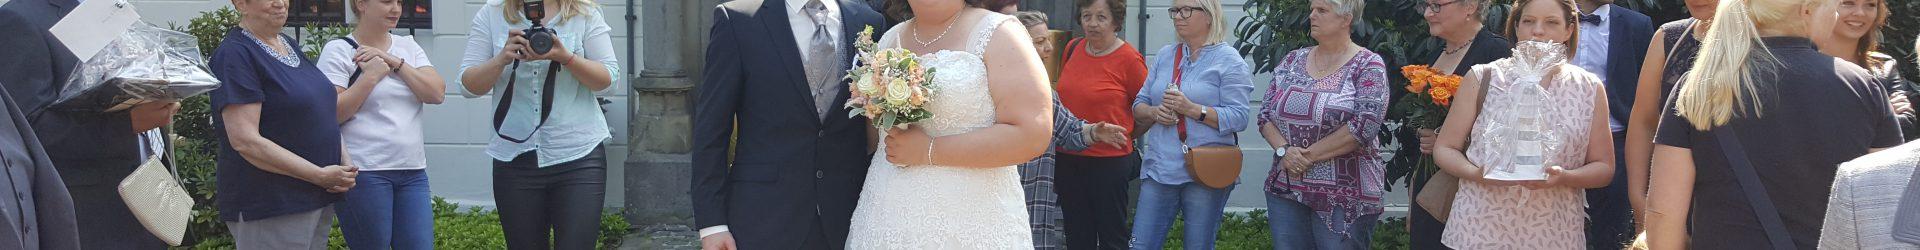 Herzlichen Glückwunsch Annika!